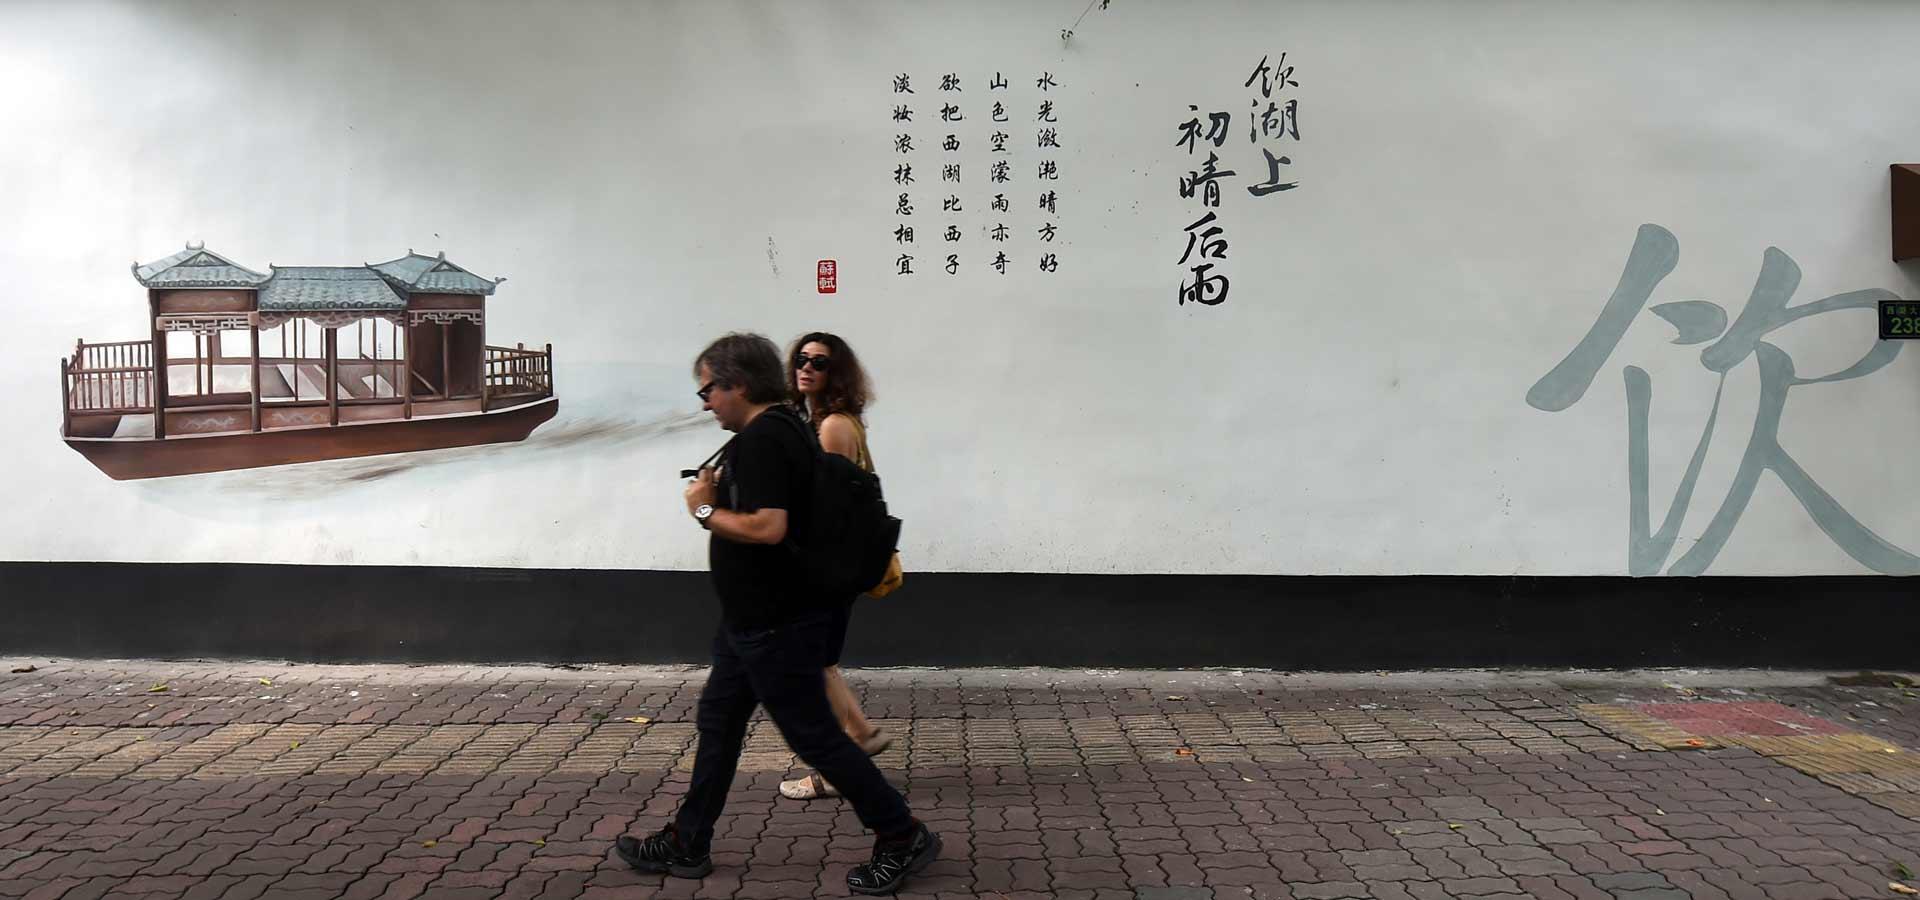 杭州直飲馬井巷舊貌換新顏